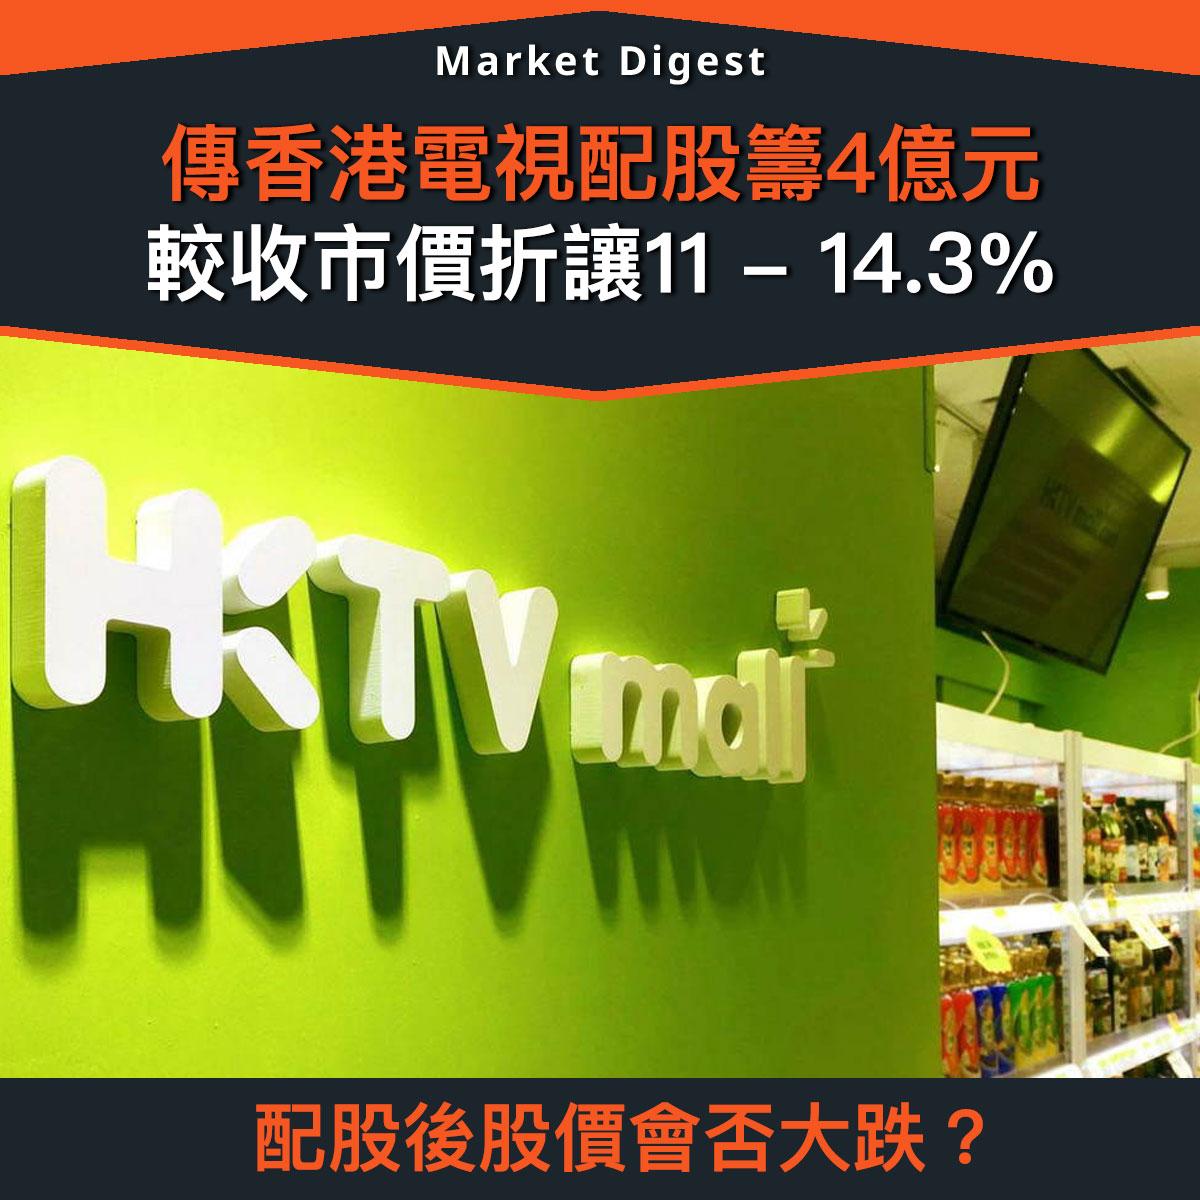 【市場熱話】傳香港電視配股籌4億元,較收市價折讓11 - 14.3%